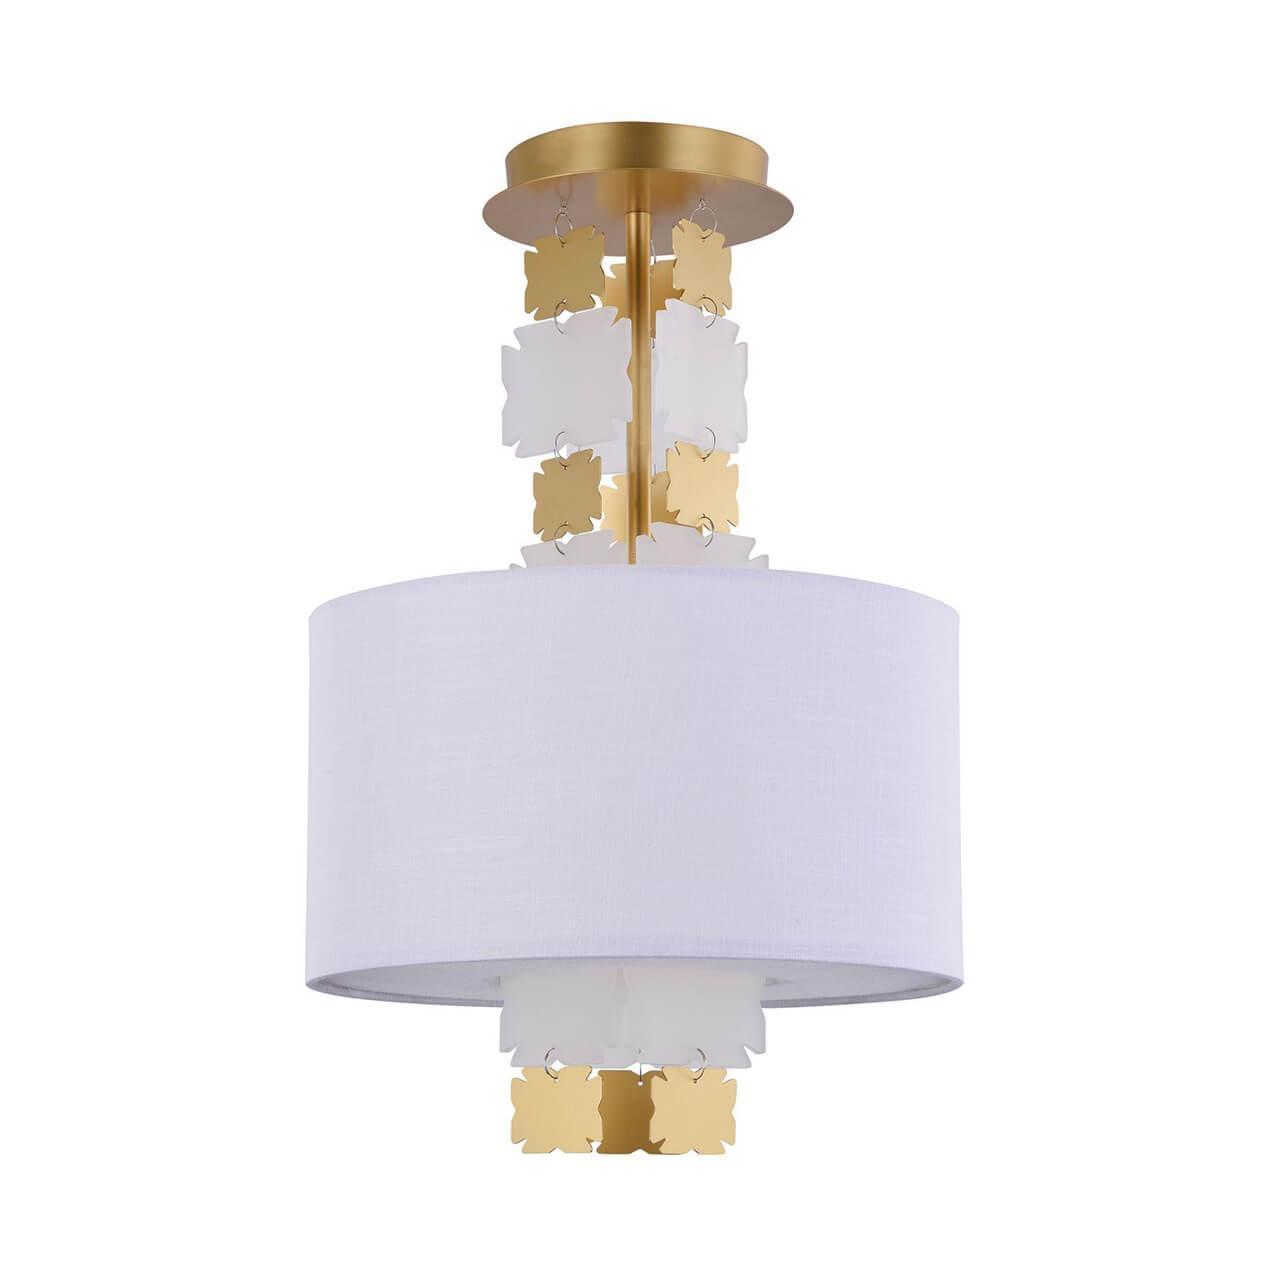 Ксеноновая лампа Philips D2S 85122+ (Оригинал) Цена